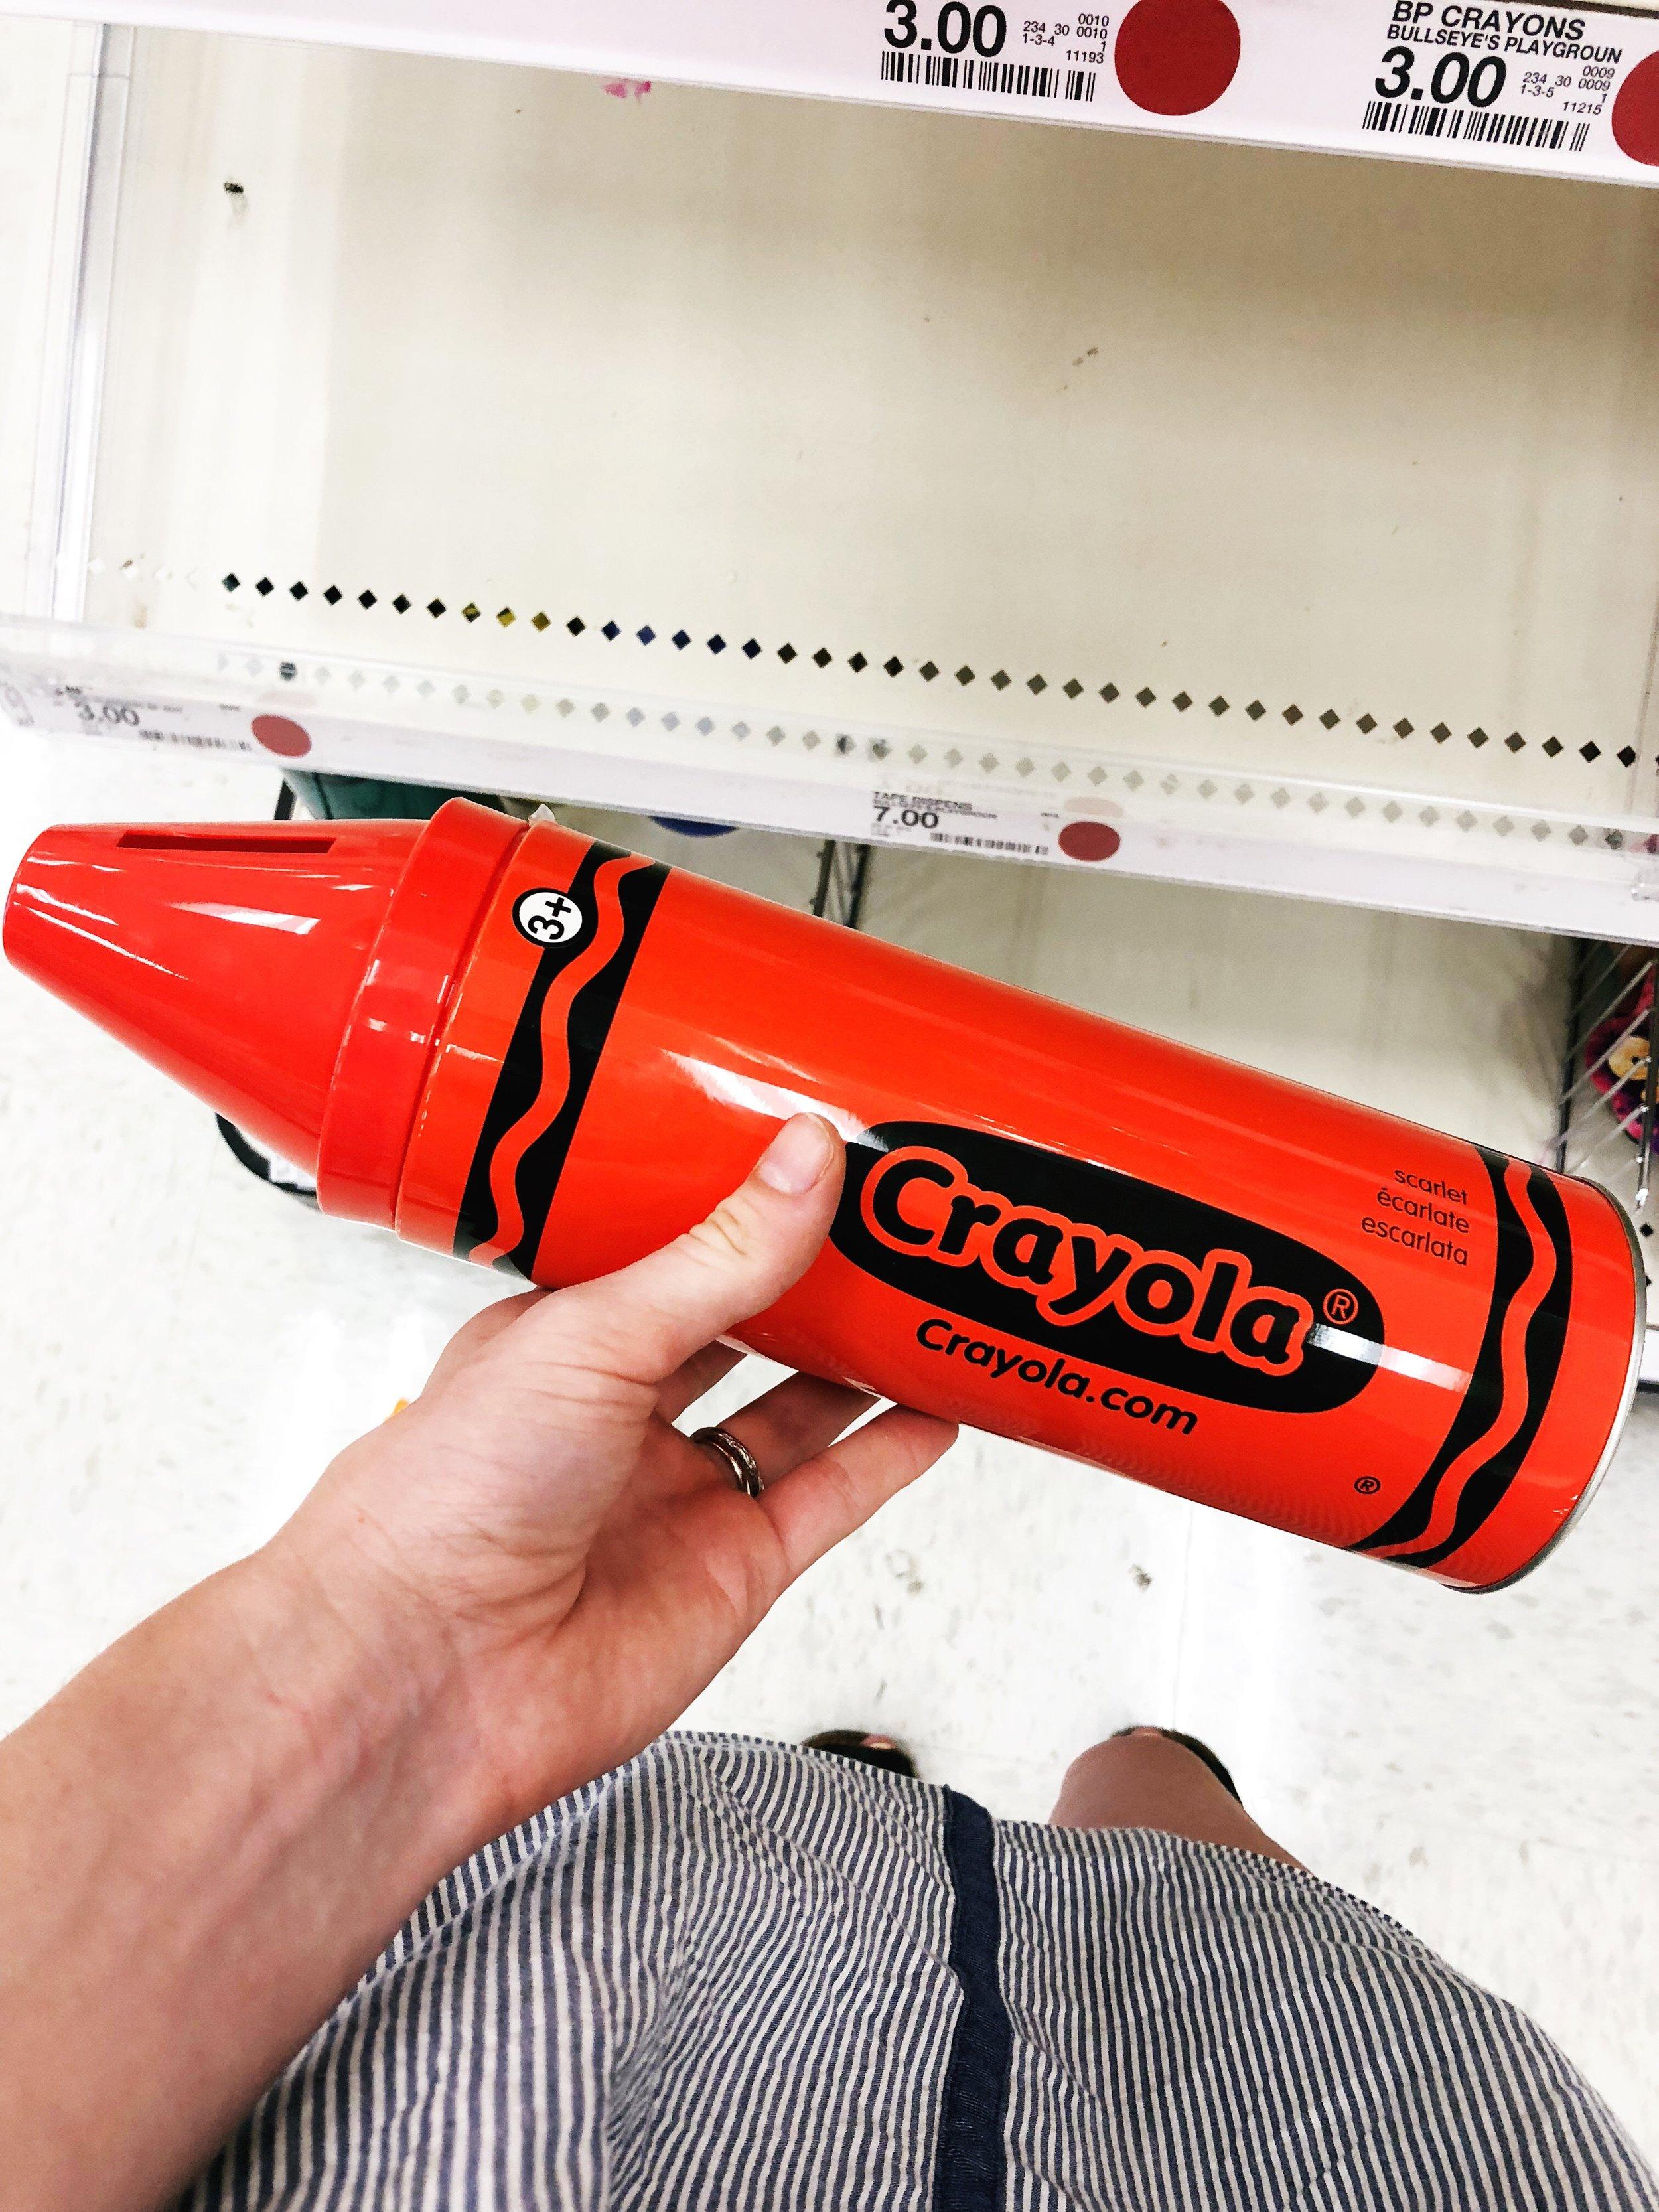 Crayon Bank -